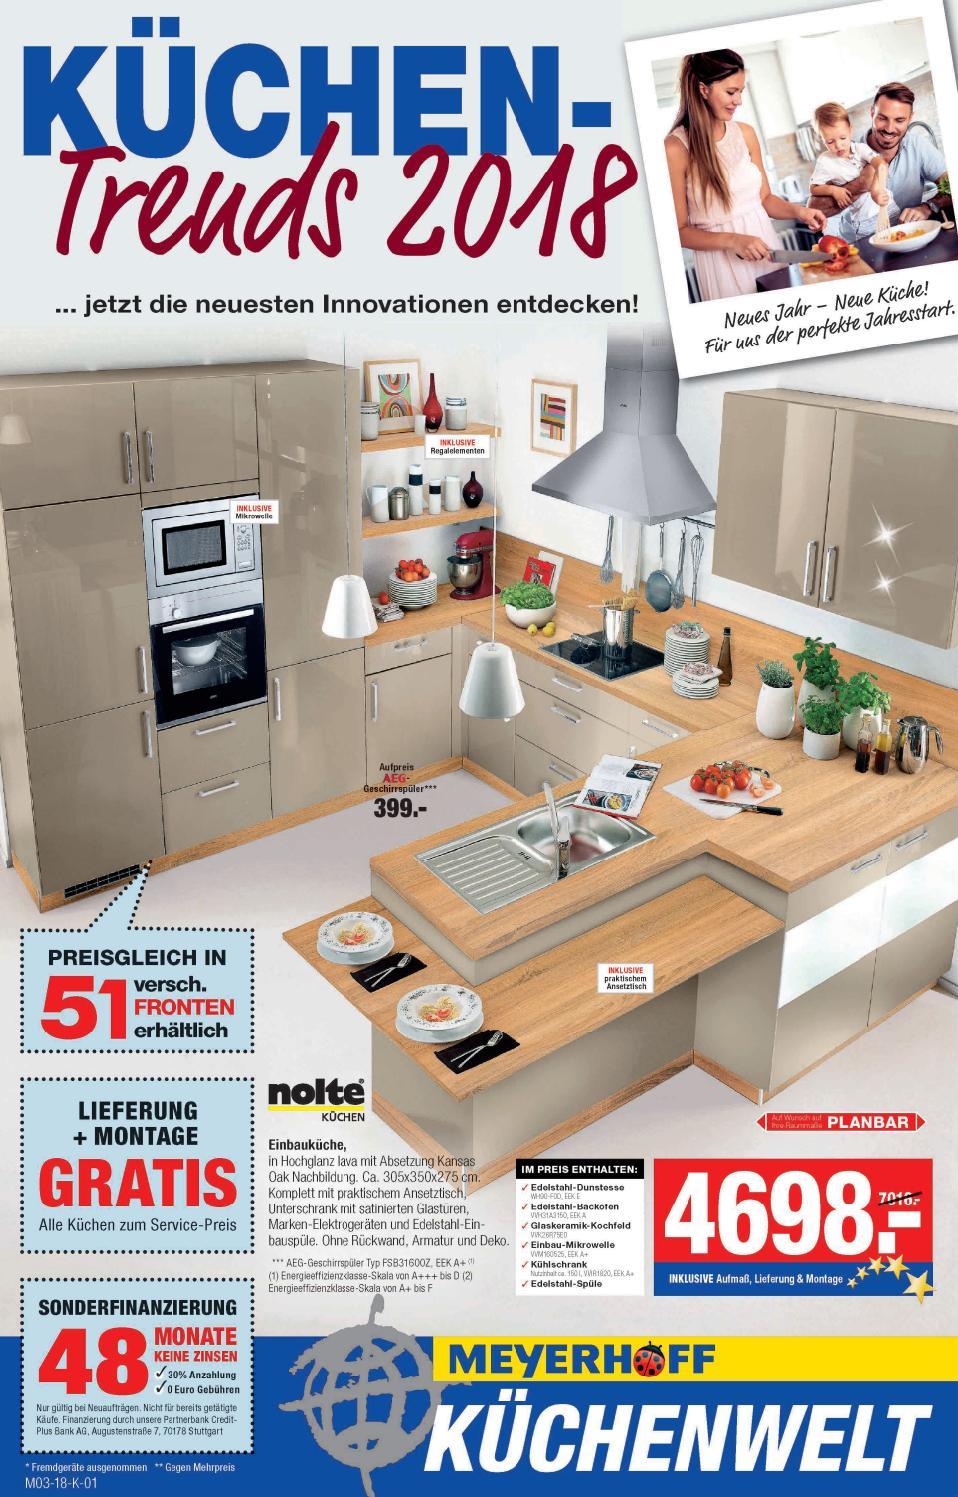 Küchentrends Katalog Meyerhoff gültig bis 03.02 by nldm - issuu